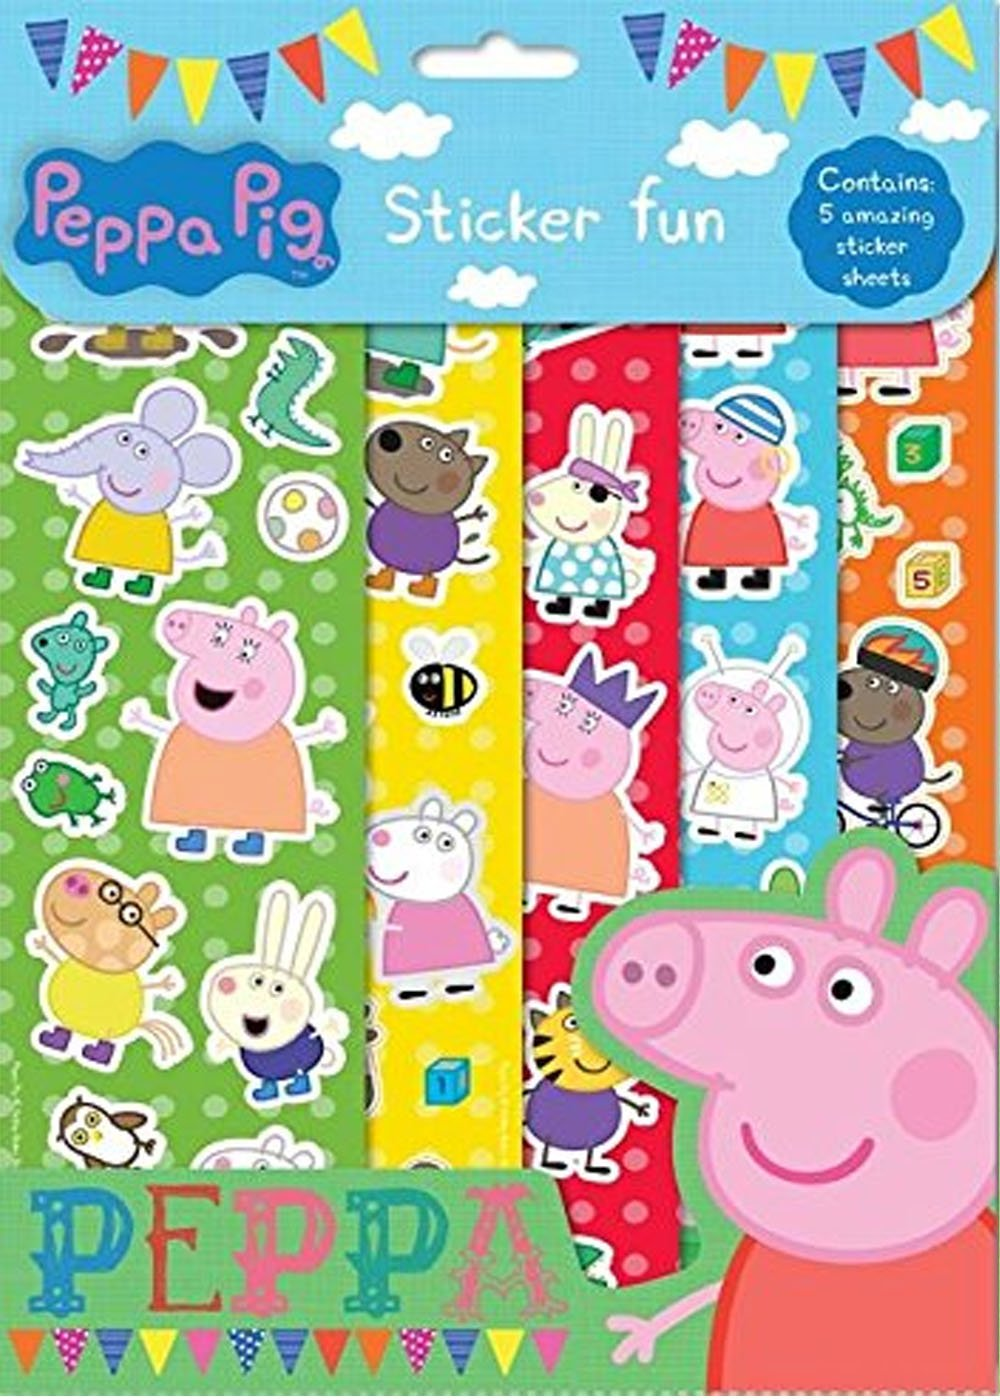 Peppa Pig Sticker Fun 82 PESFN